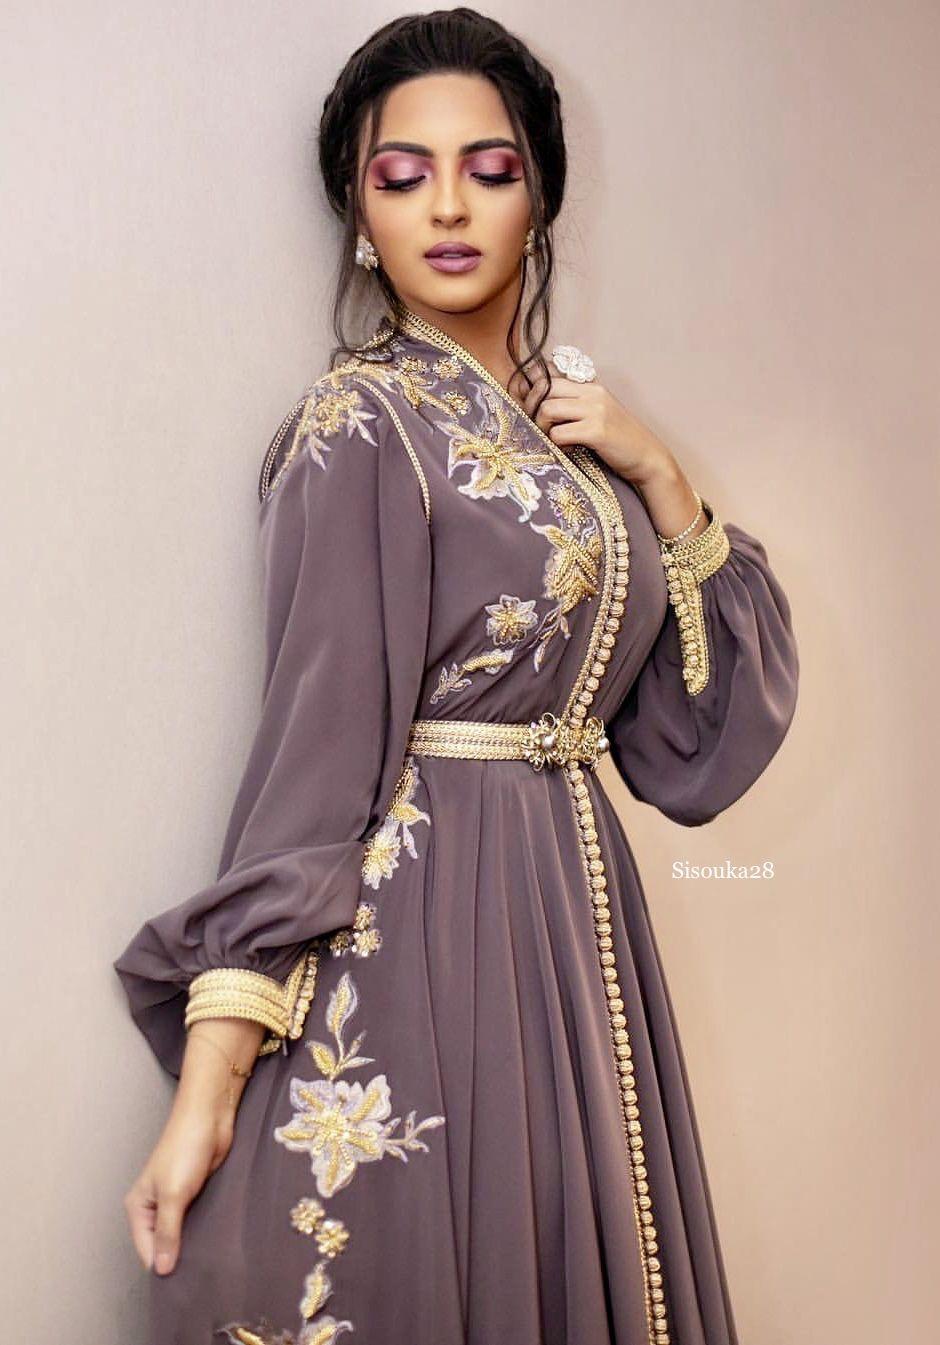 того, арабские платья фото сильным, этаким